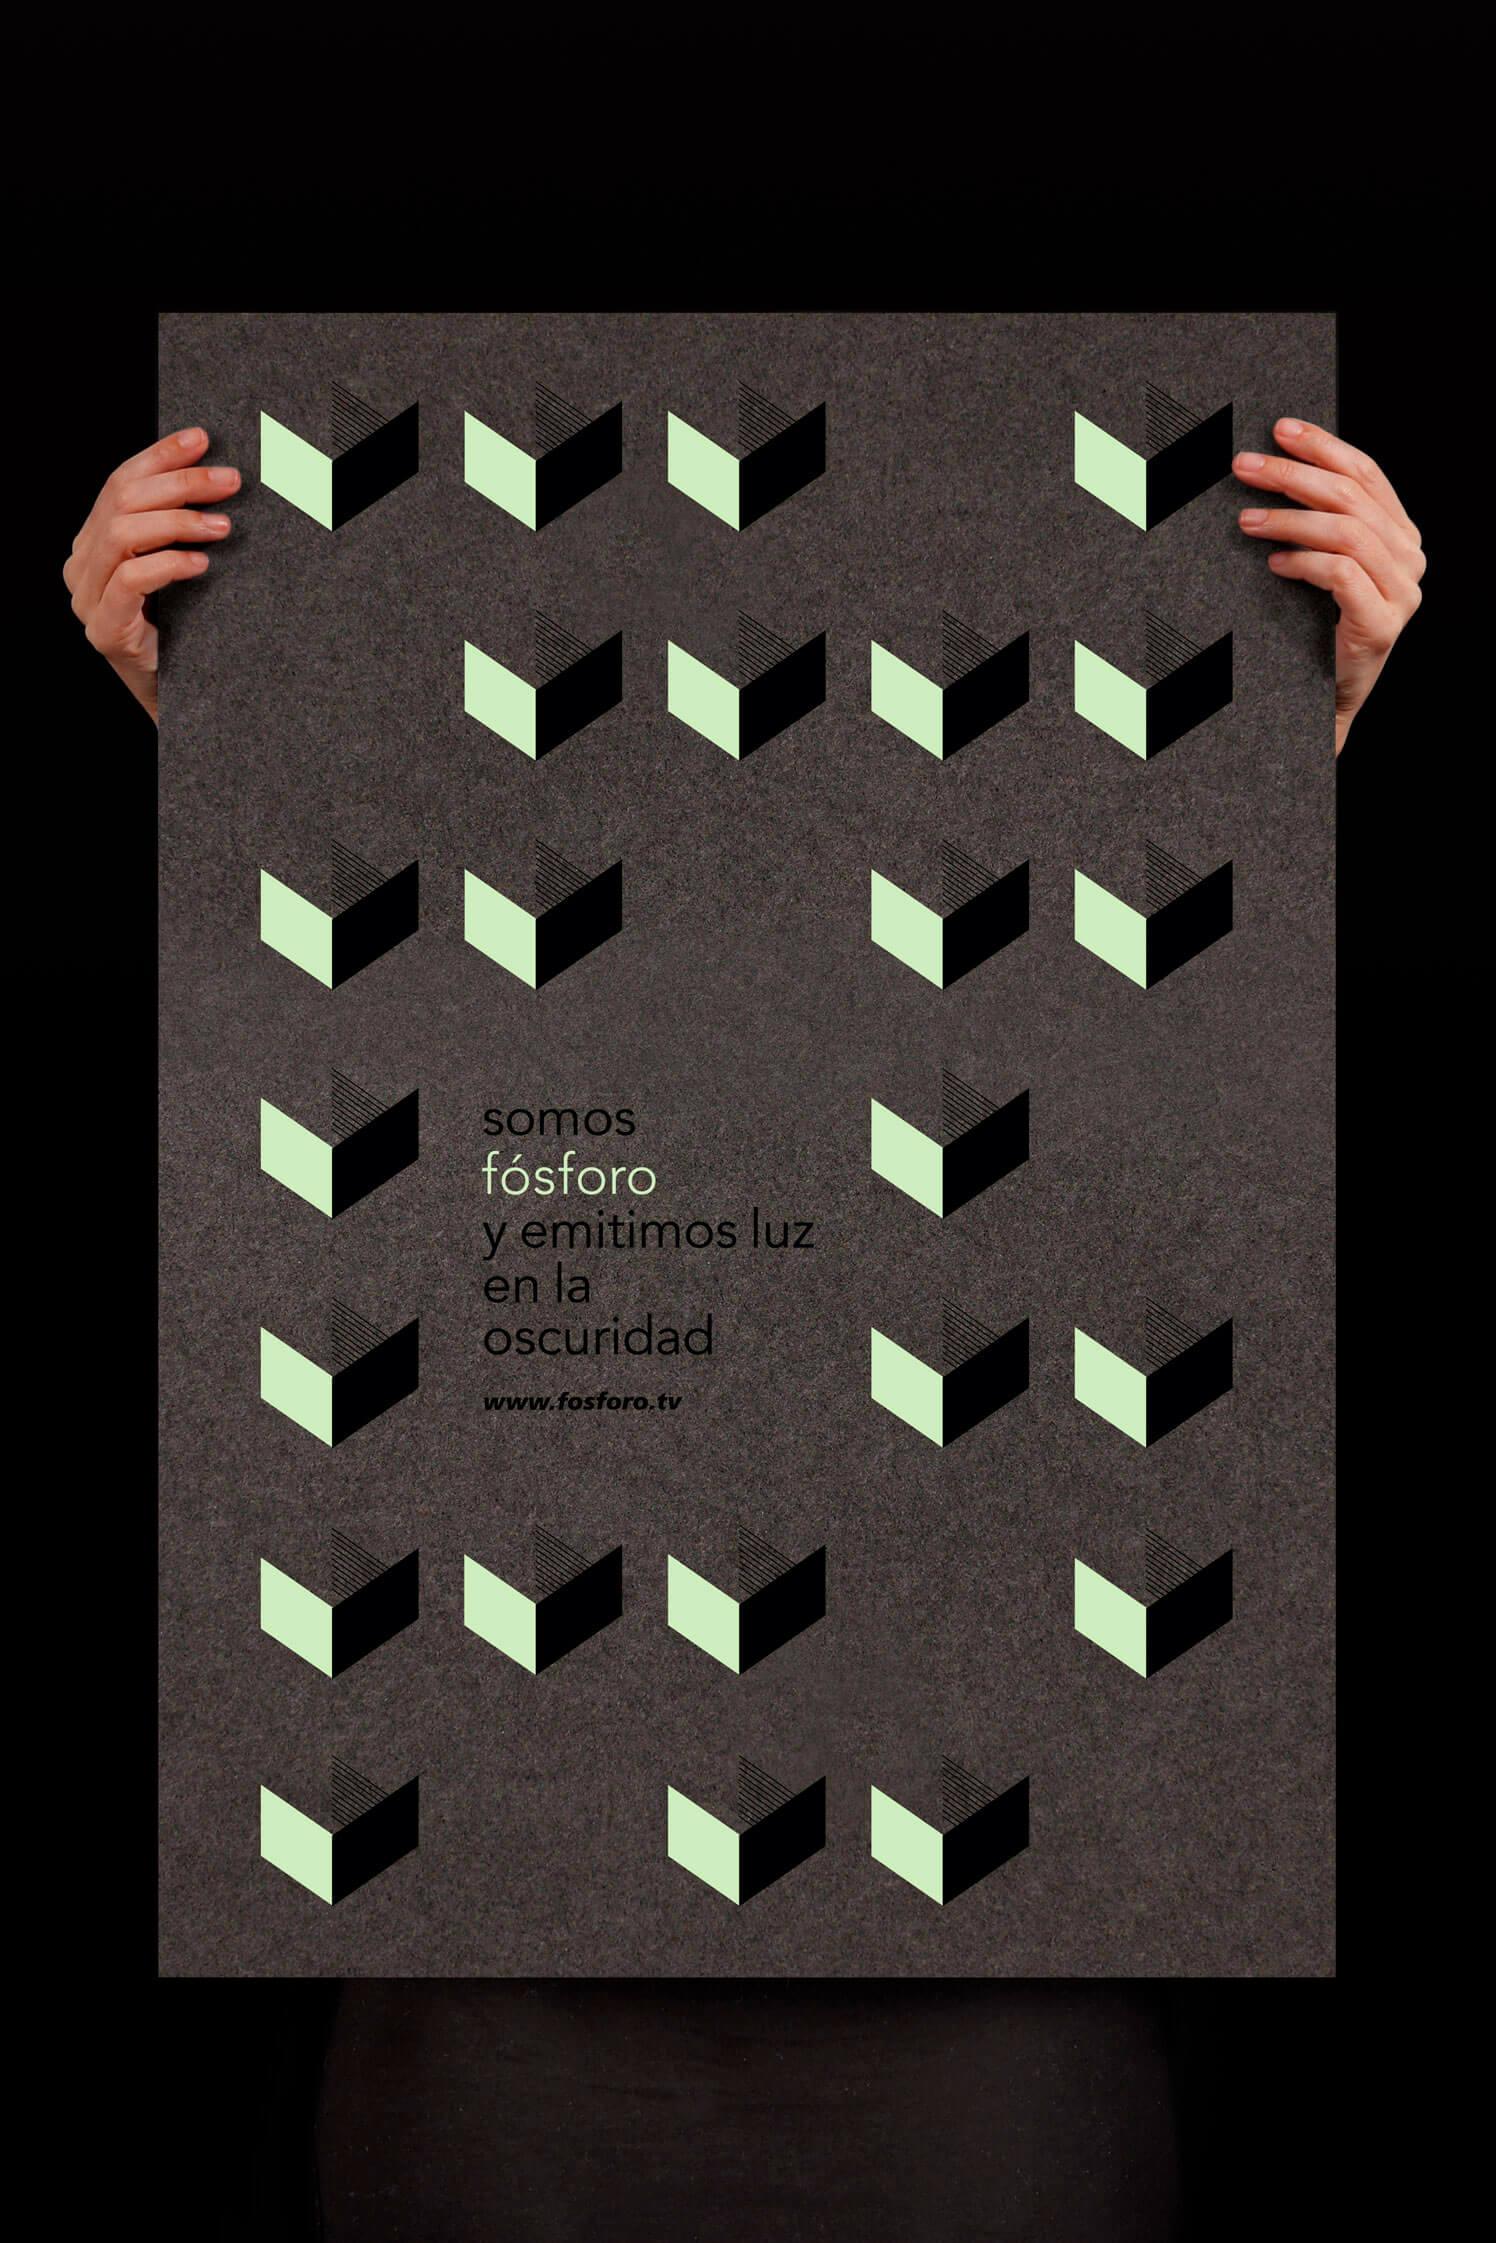 Poster con el logotipo diseñado para Fósforo